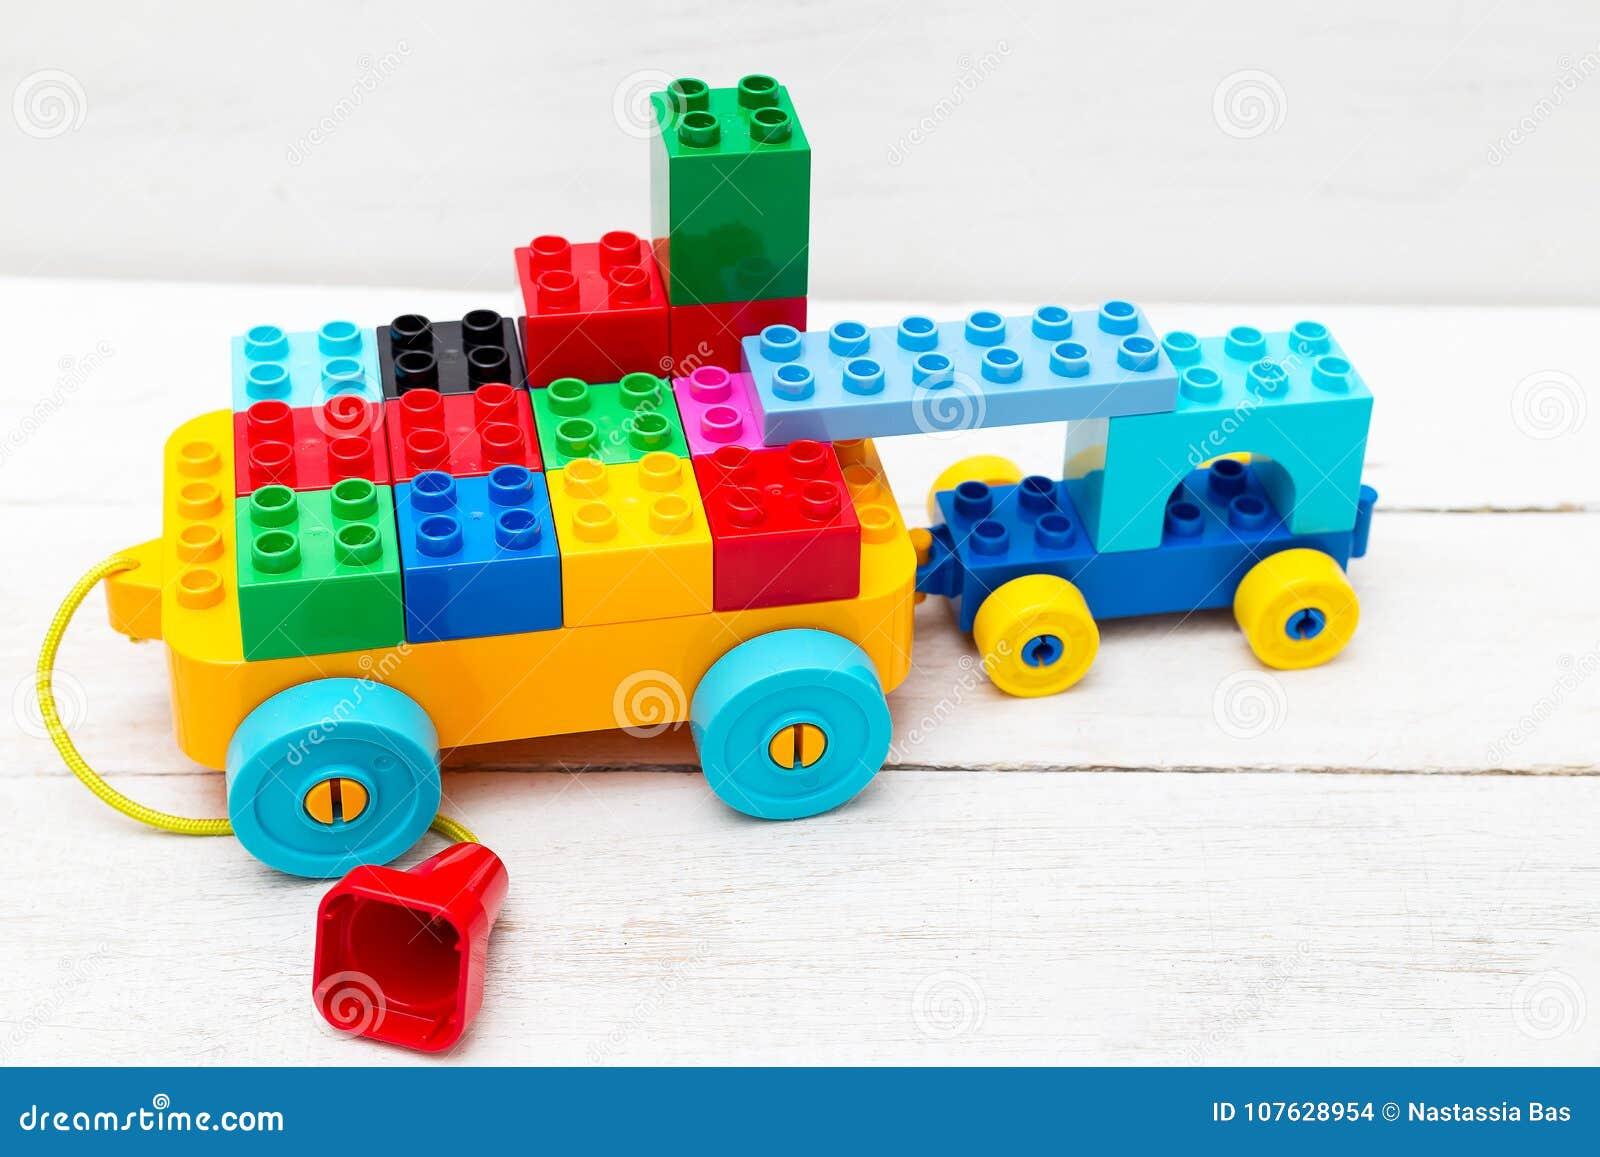 Madera Del T Lego De Juguete En Hdtbqrscxo Cubos Coche Un Fondo 0XO8nwkP